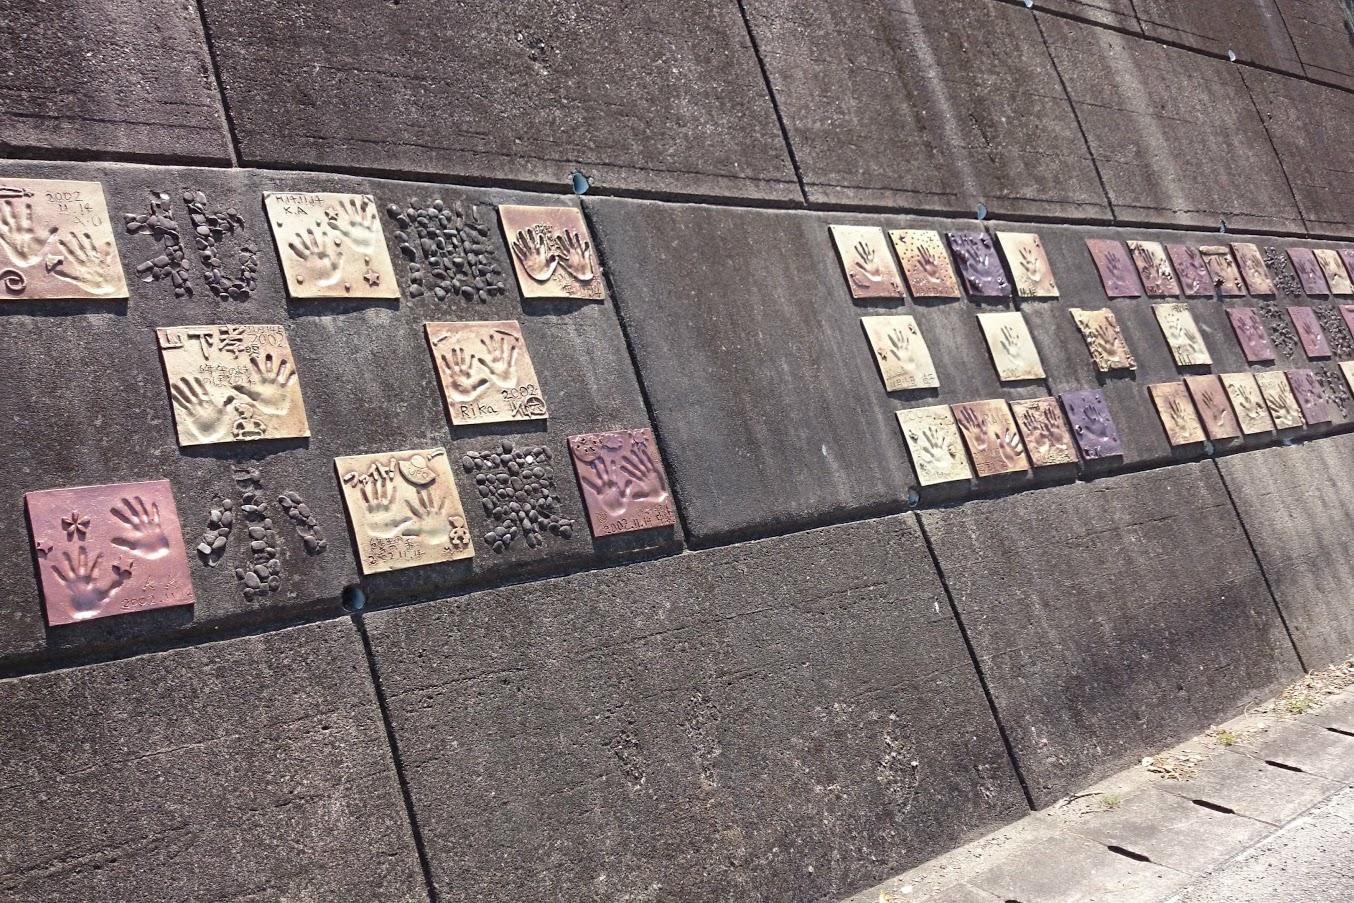 うずしおロマンチック海道彫刻公園の手形